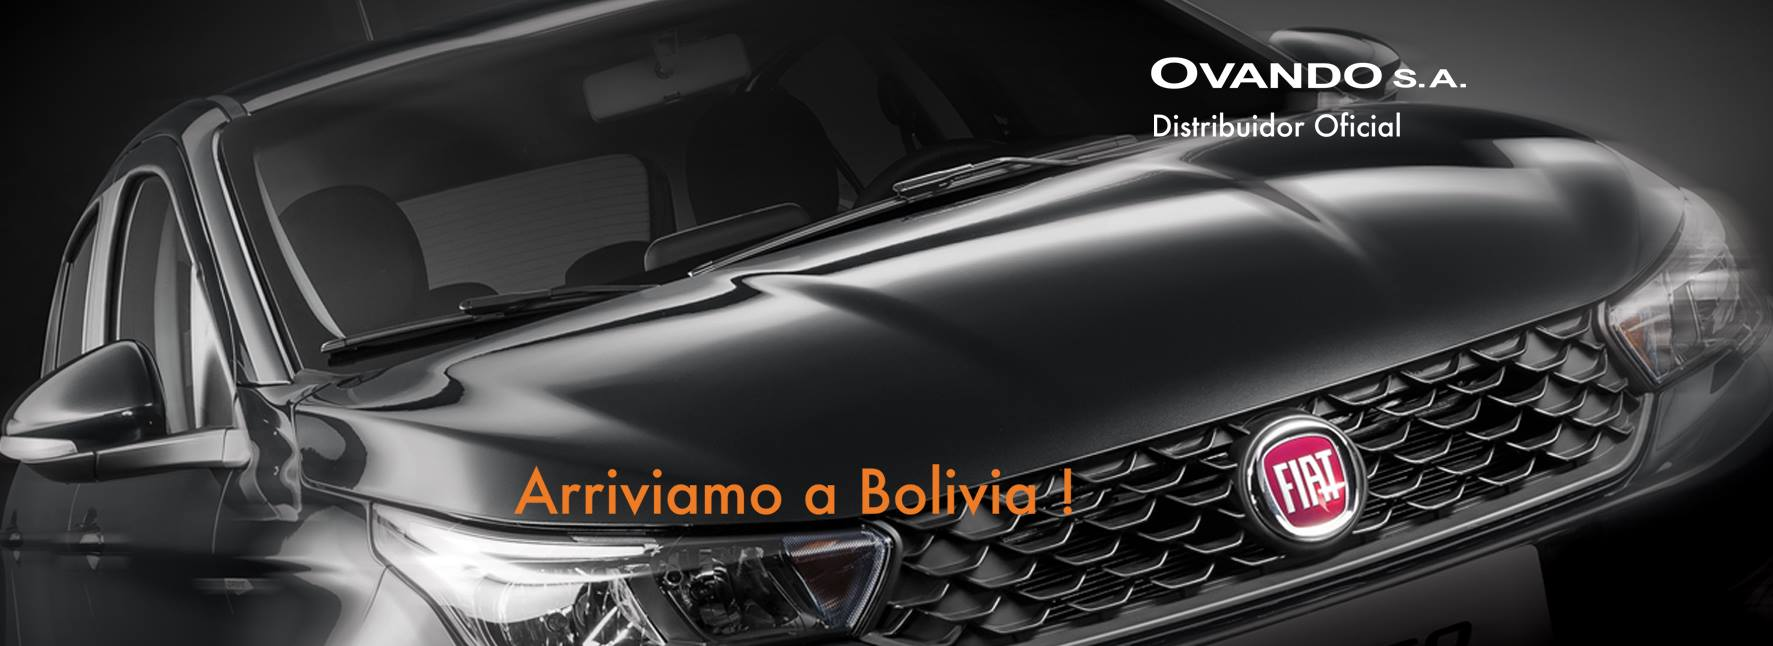 Ovando S.A. es Distribuidor Oficial  para Bolivia del gigante italiano Fiat